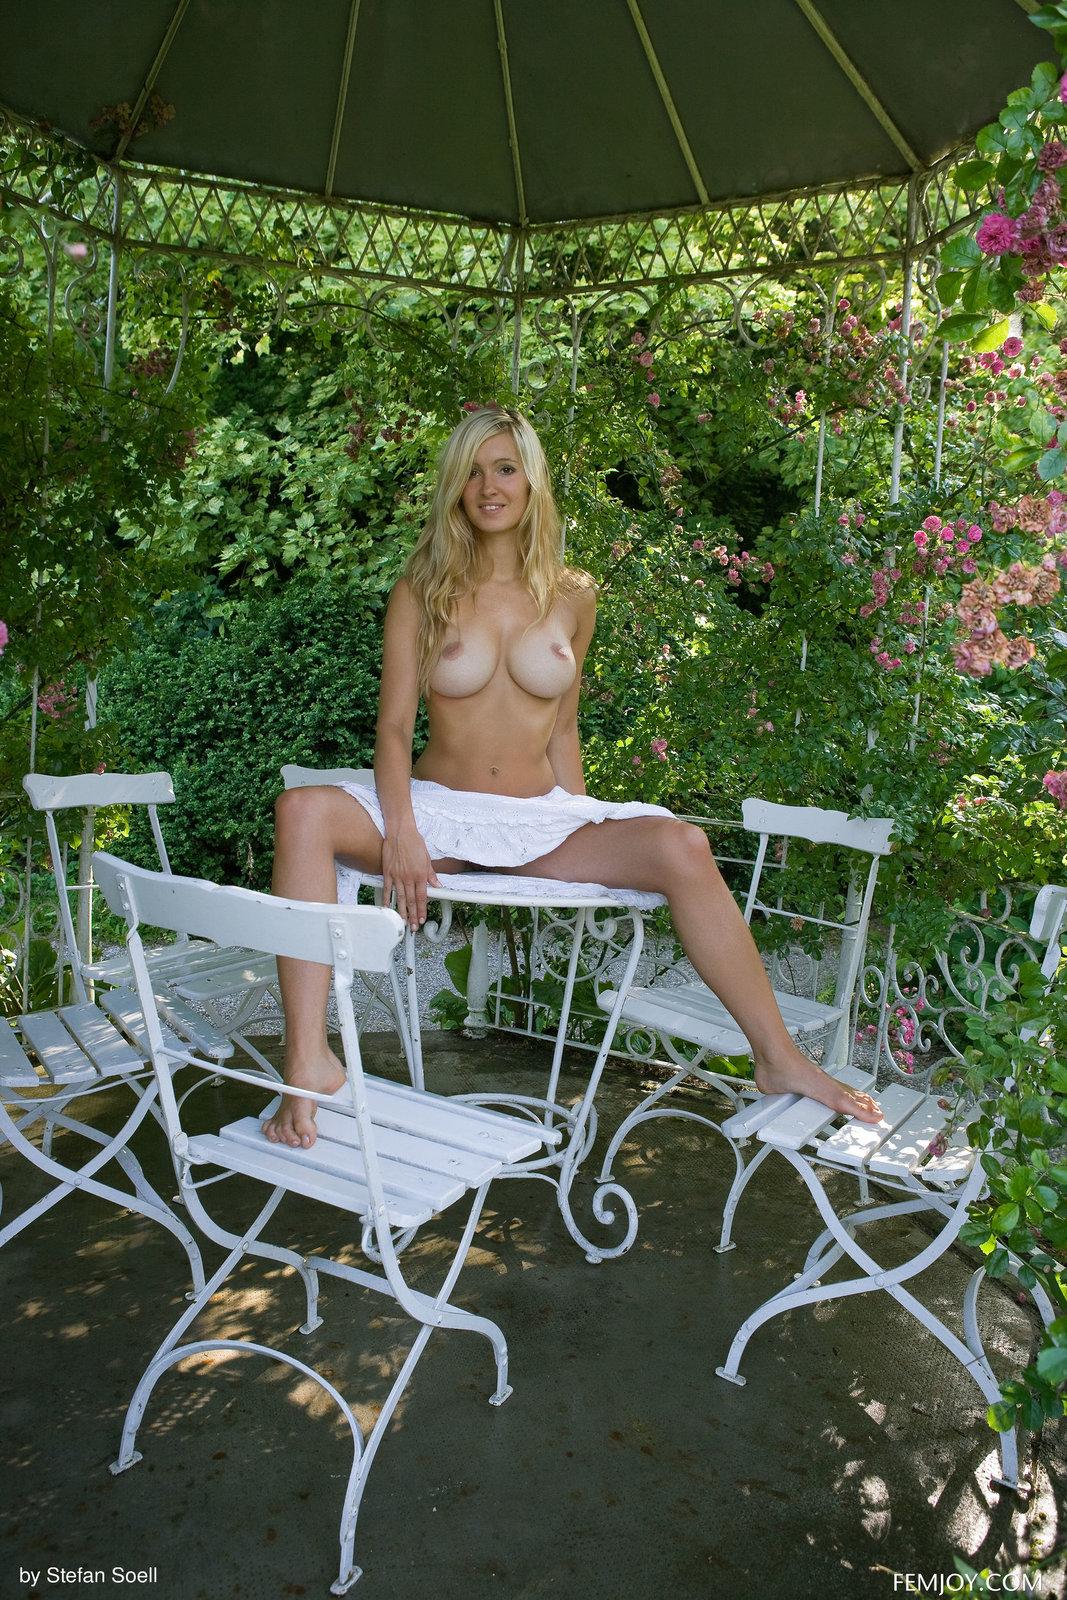 Zdjęcie porno - 11 3 - Cudowne piersi